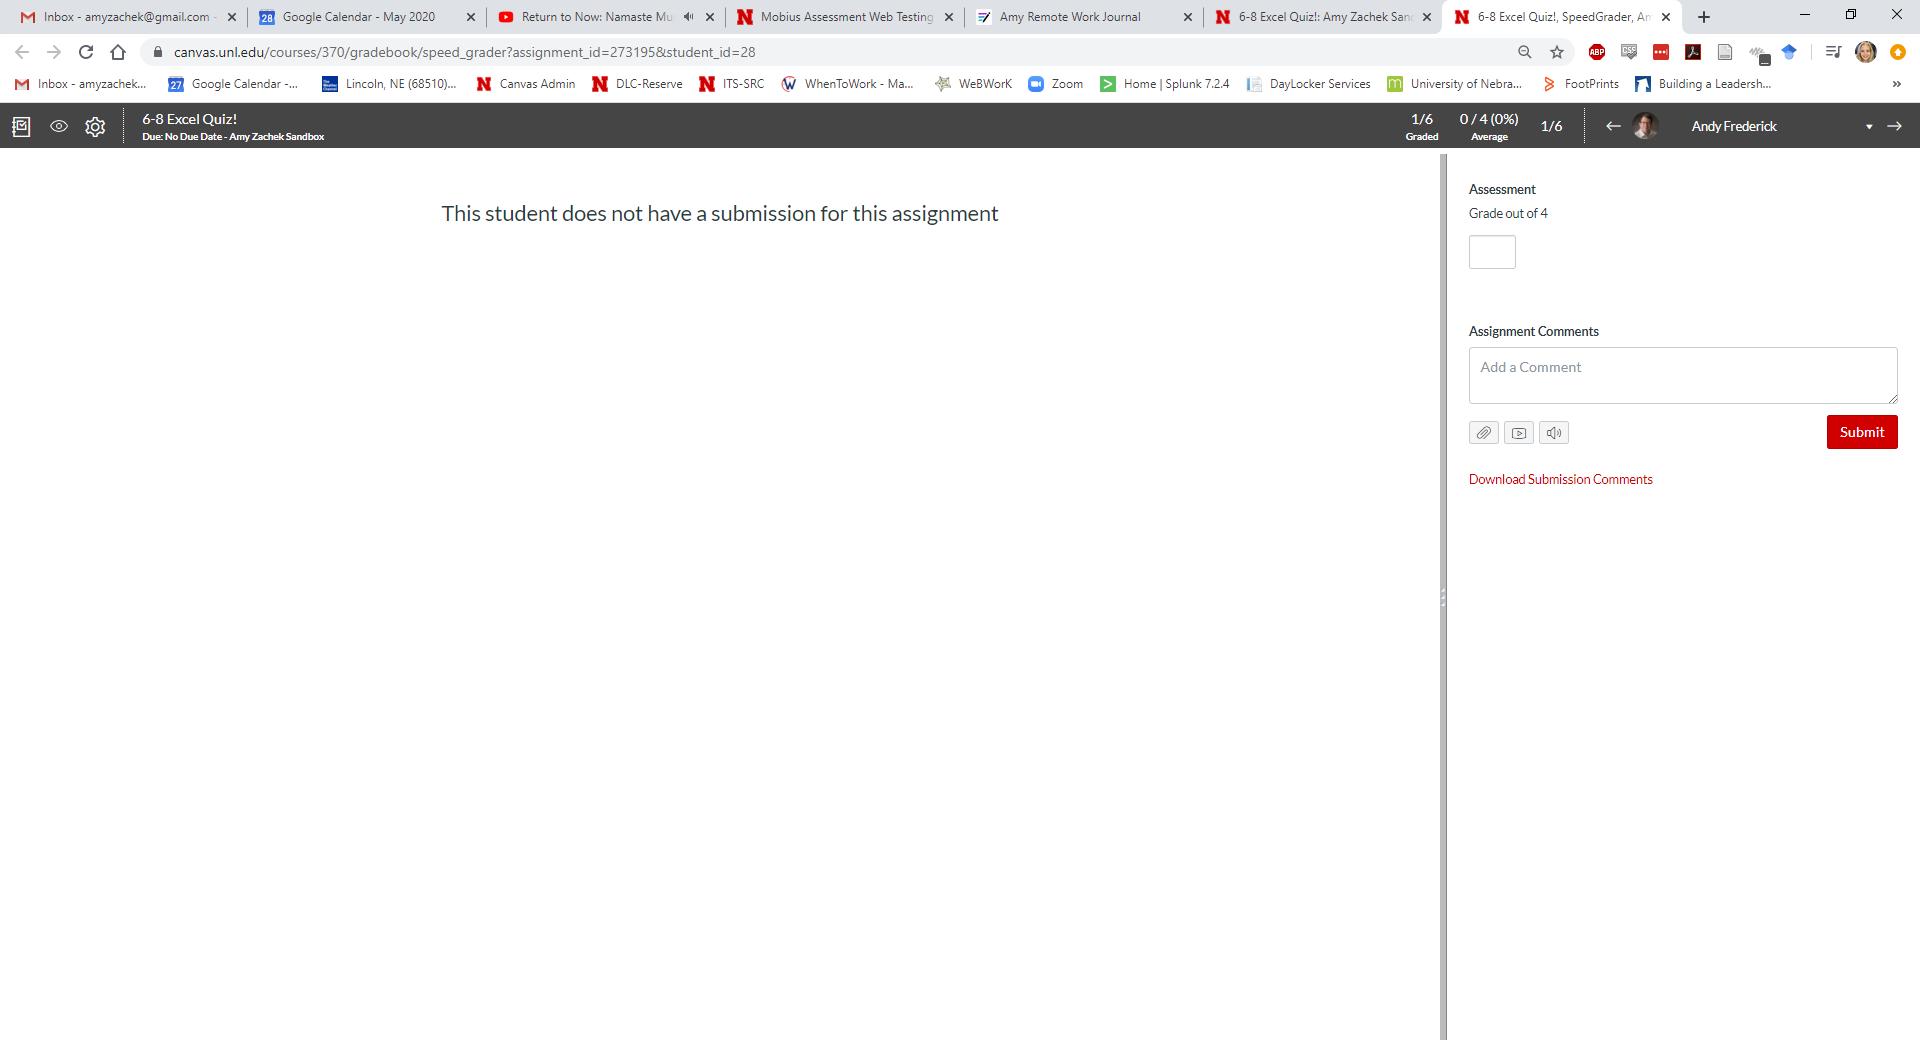 Post or hide grades screen capture